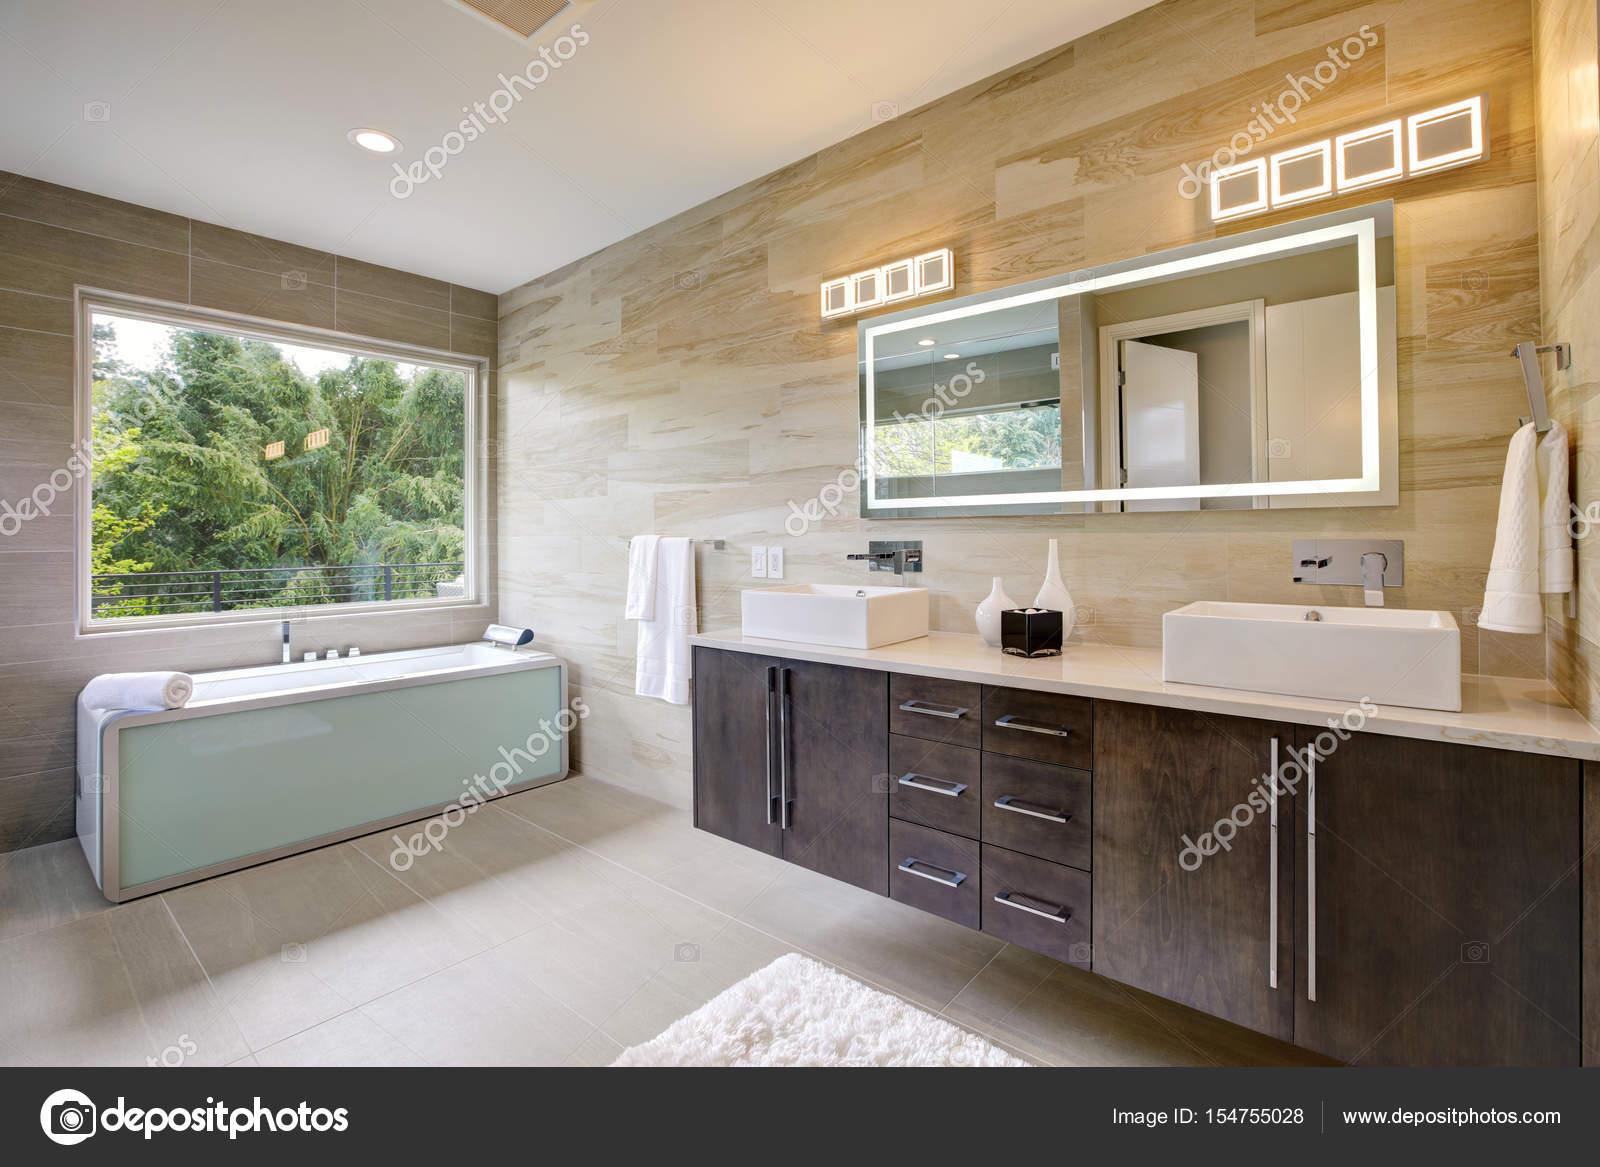 Moderne badkamer interieur u2014 stockfoto © iriana88w #154755028